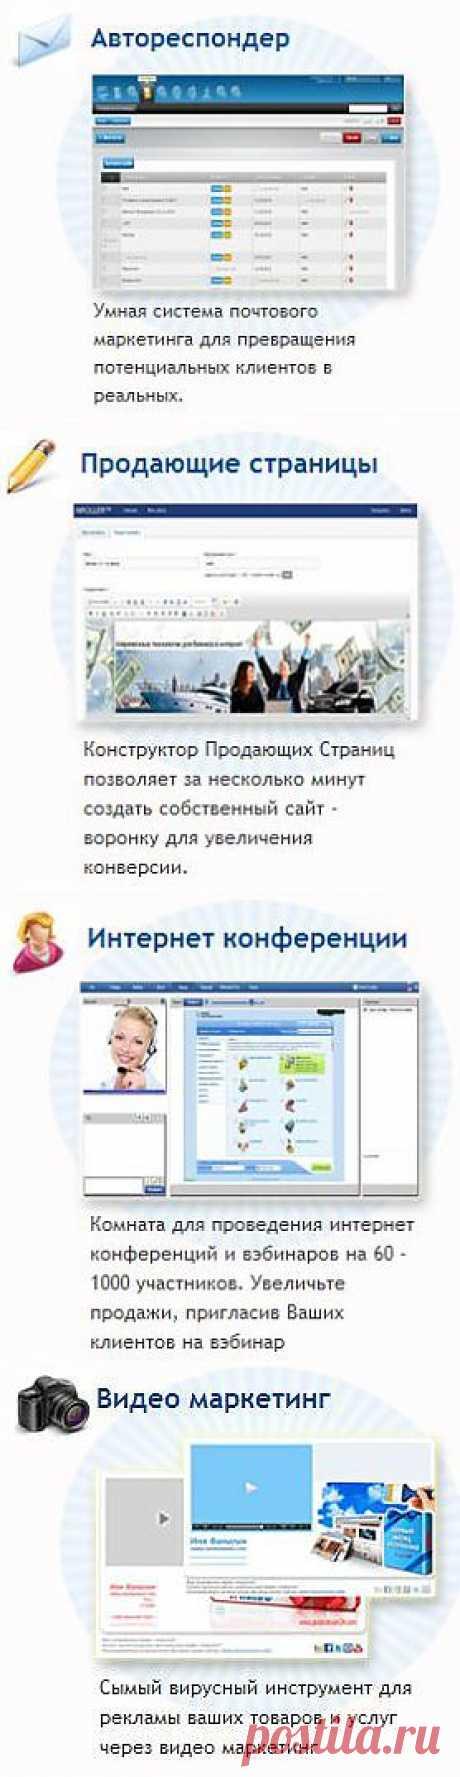 инструменты для эффективного продвижения в интернете